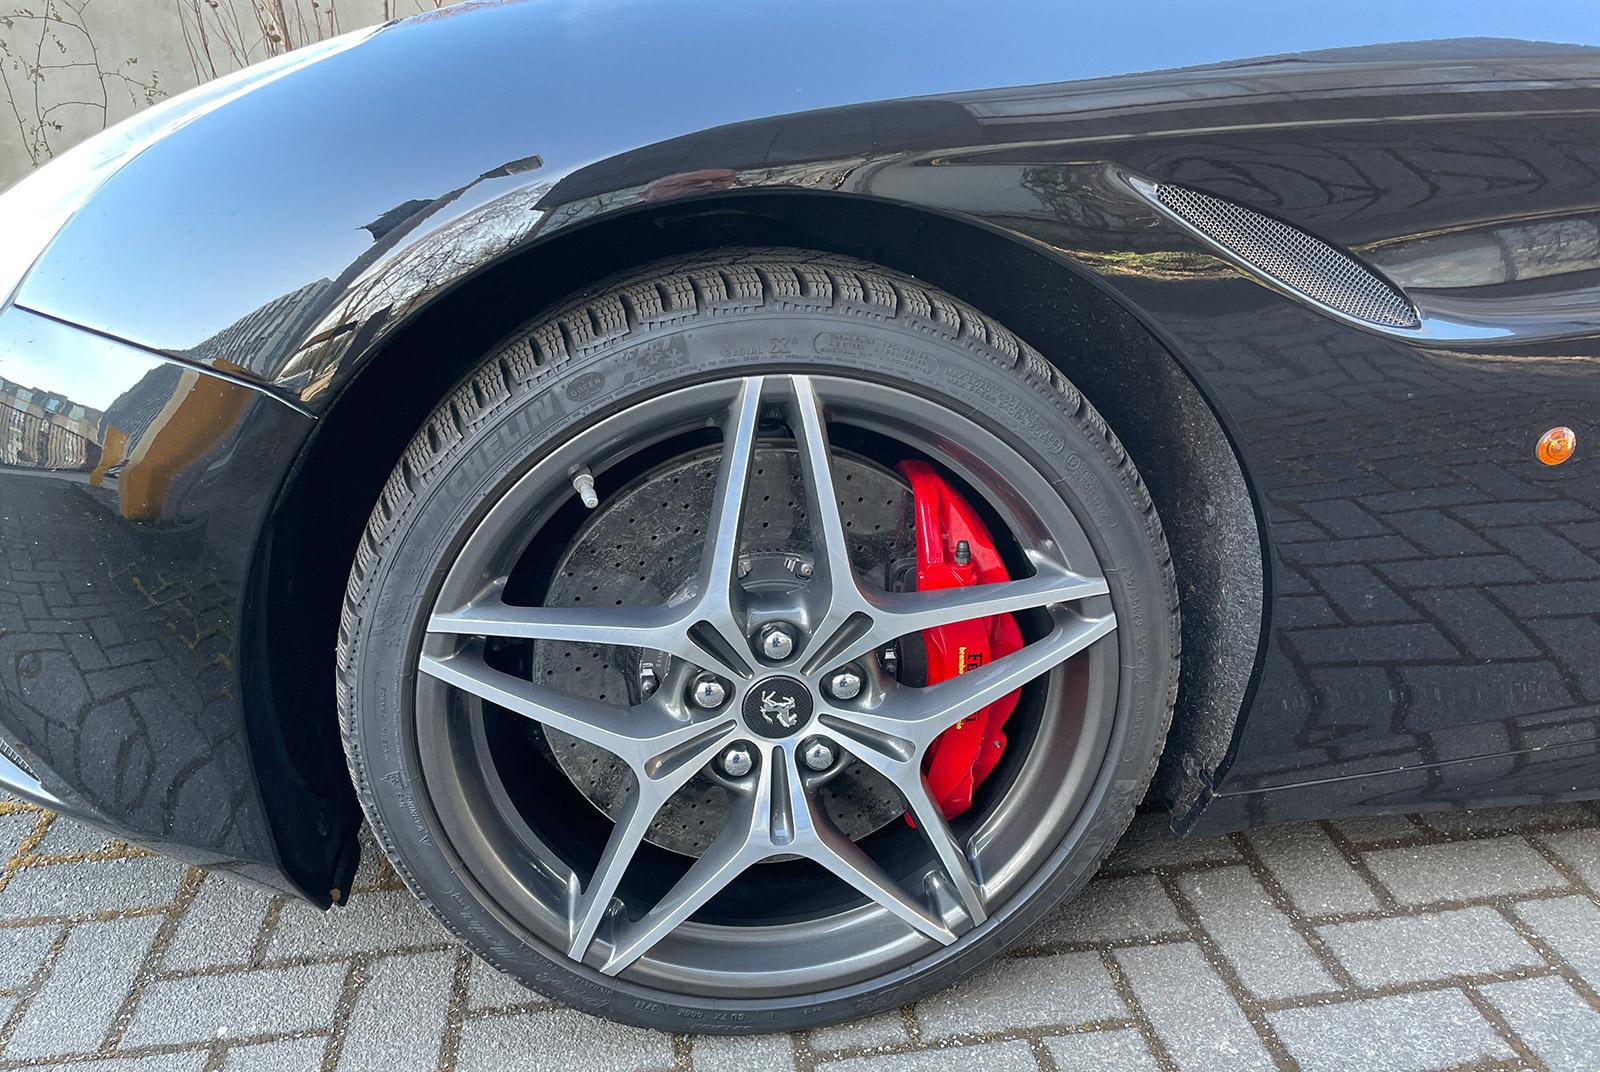 Ferrari_California_Schwarz_Schwarz_FER-6875_06